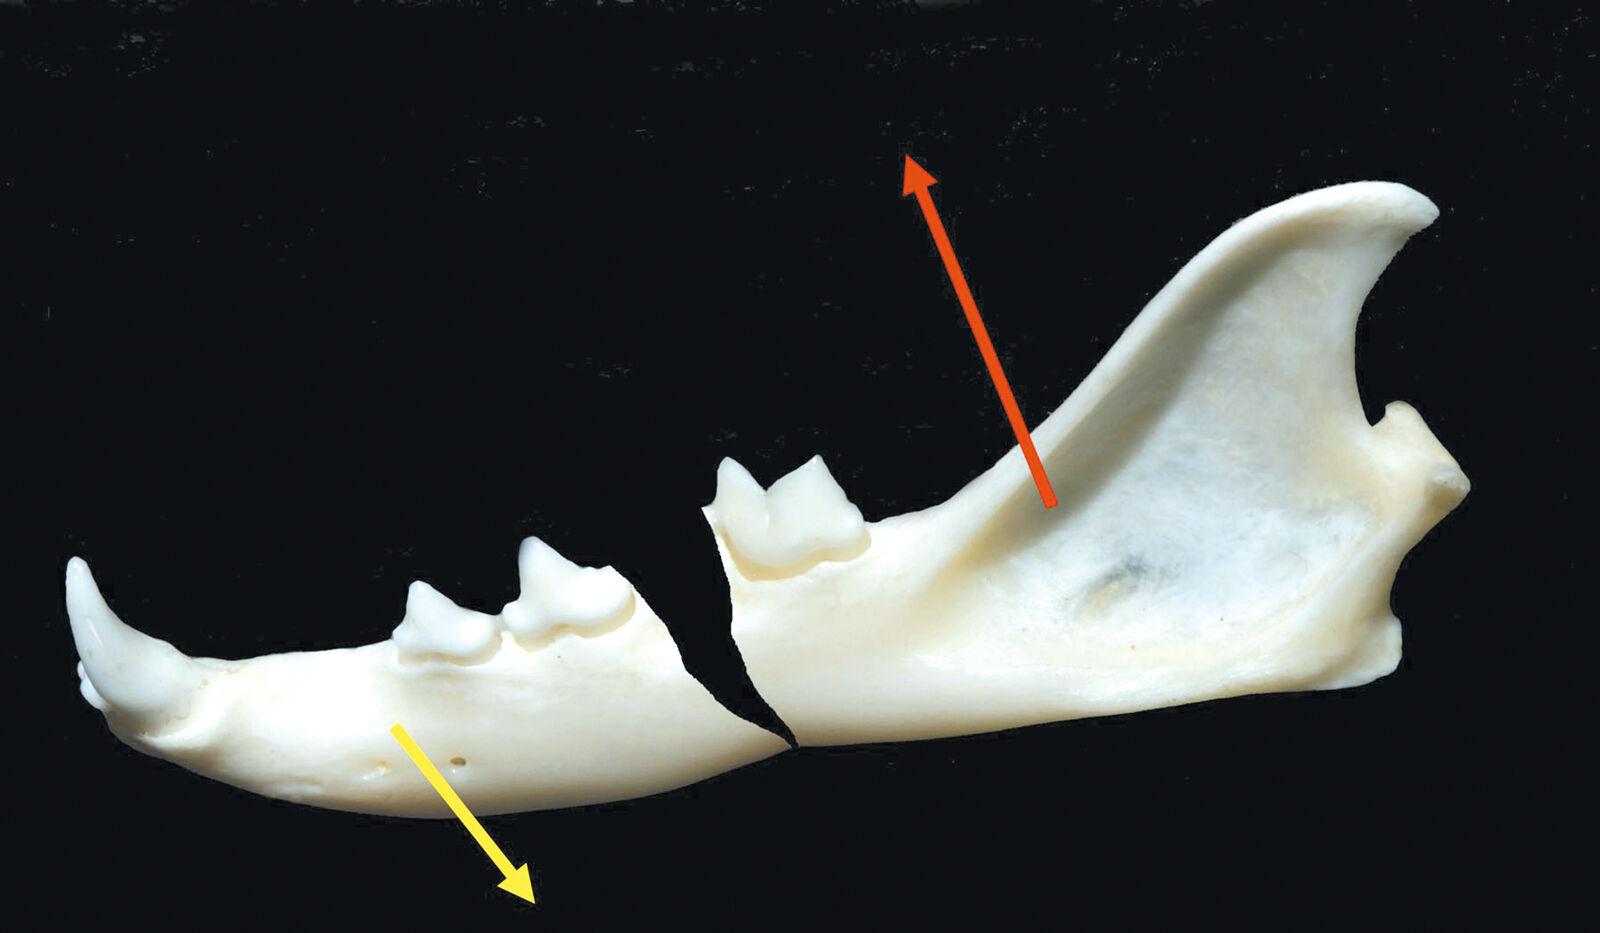 . Frattura del corpo della mandibola. La freccia gialla indica la direzione di trazione dei muscoli che aprono le mascelle, mentre la freccia rossa indica quella dei muscoli che chiudono le mascelle.  Difetto della linea di frattura e allineamento inadeguato.